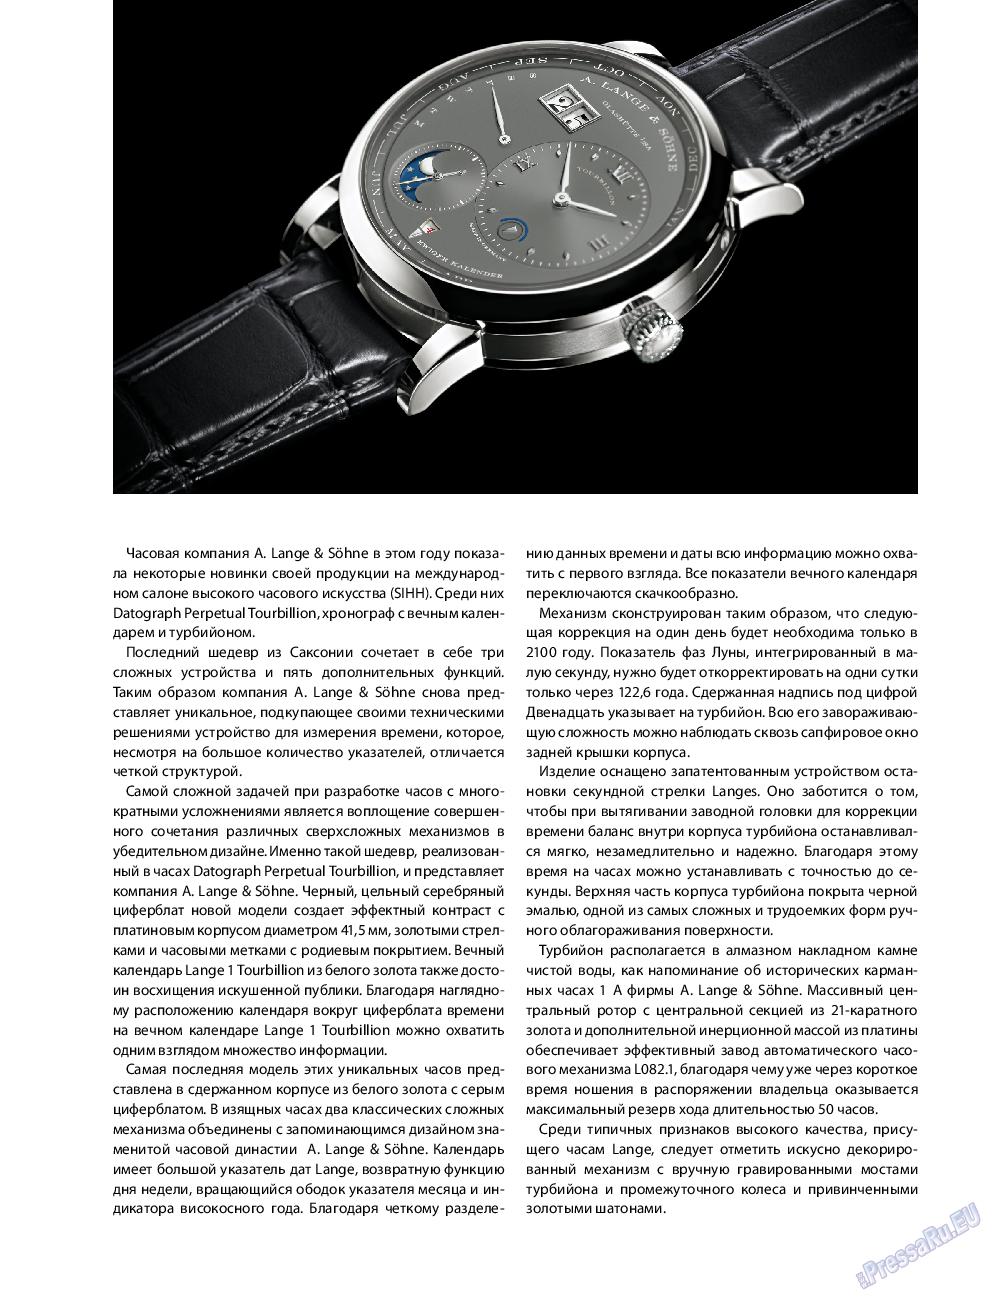 Клан (журнал). 2016 год, номер 10, стр. 129